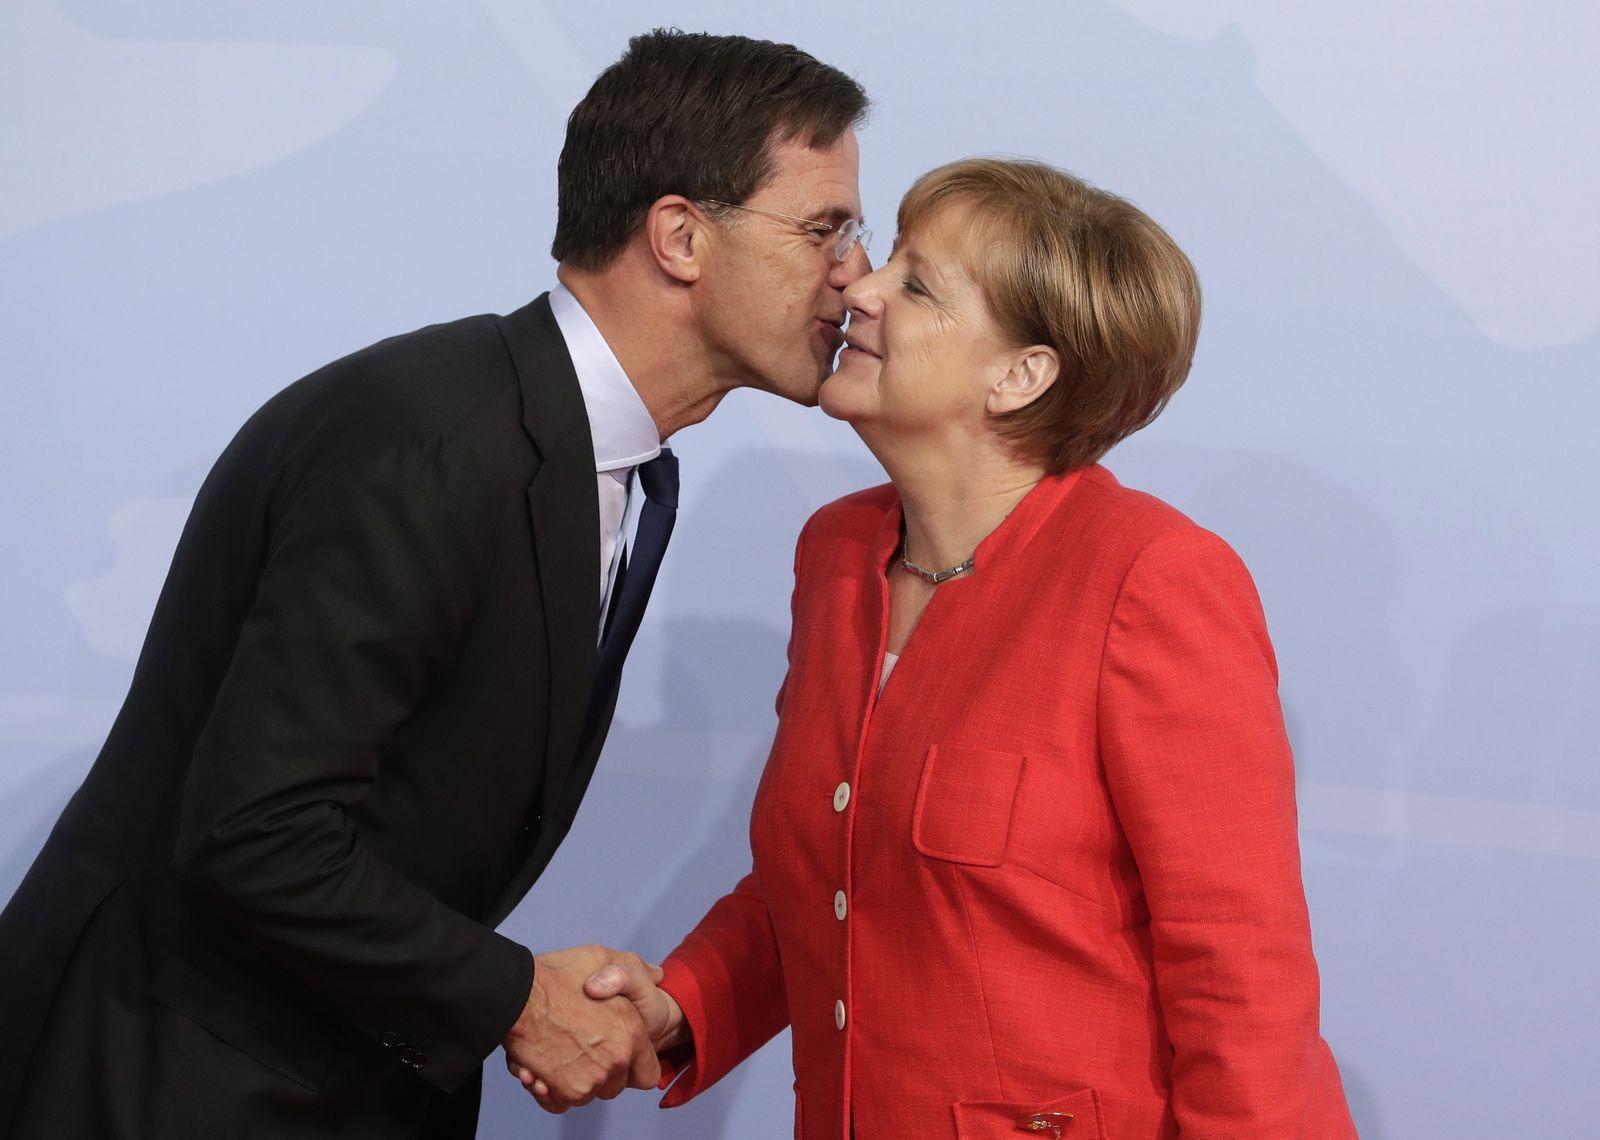 Gipfeltreffen G20/ 2017/ Hamburg/ Küsse